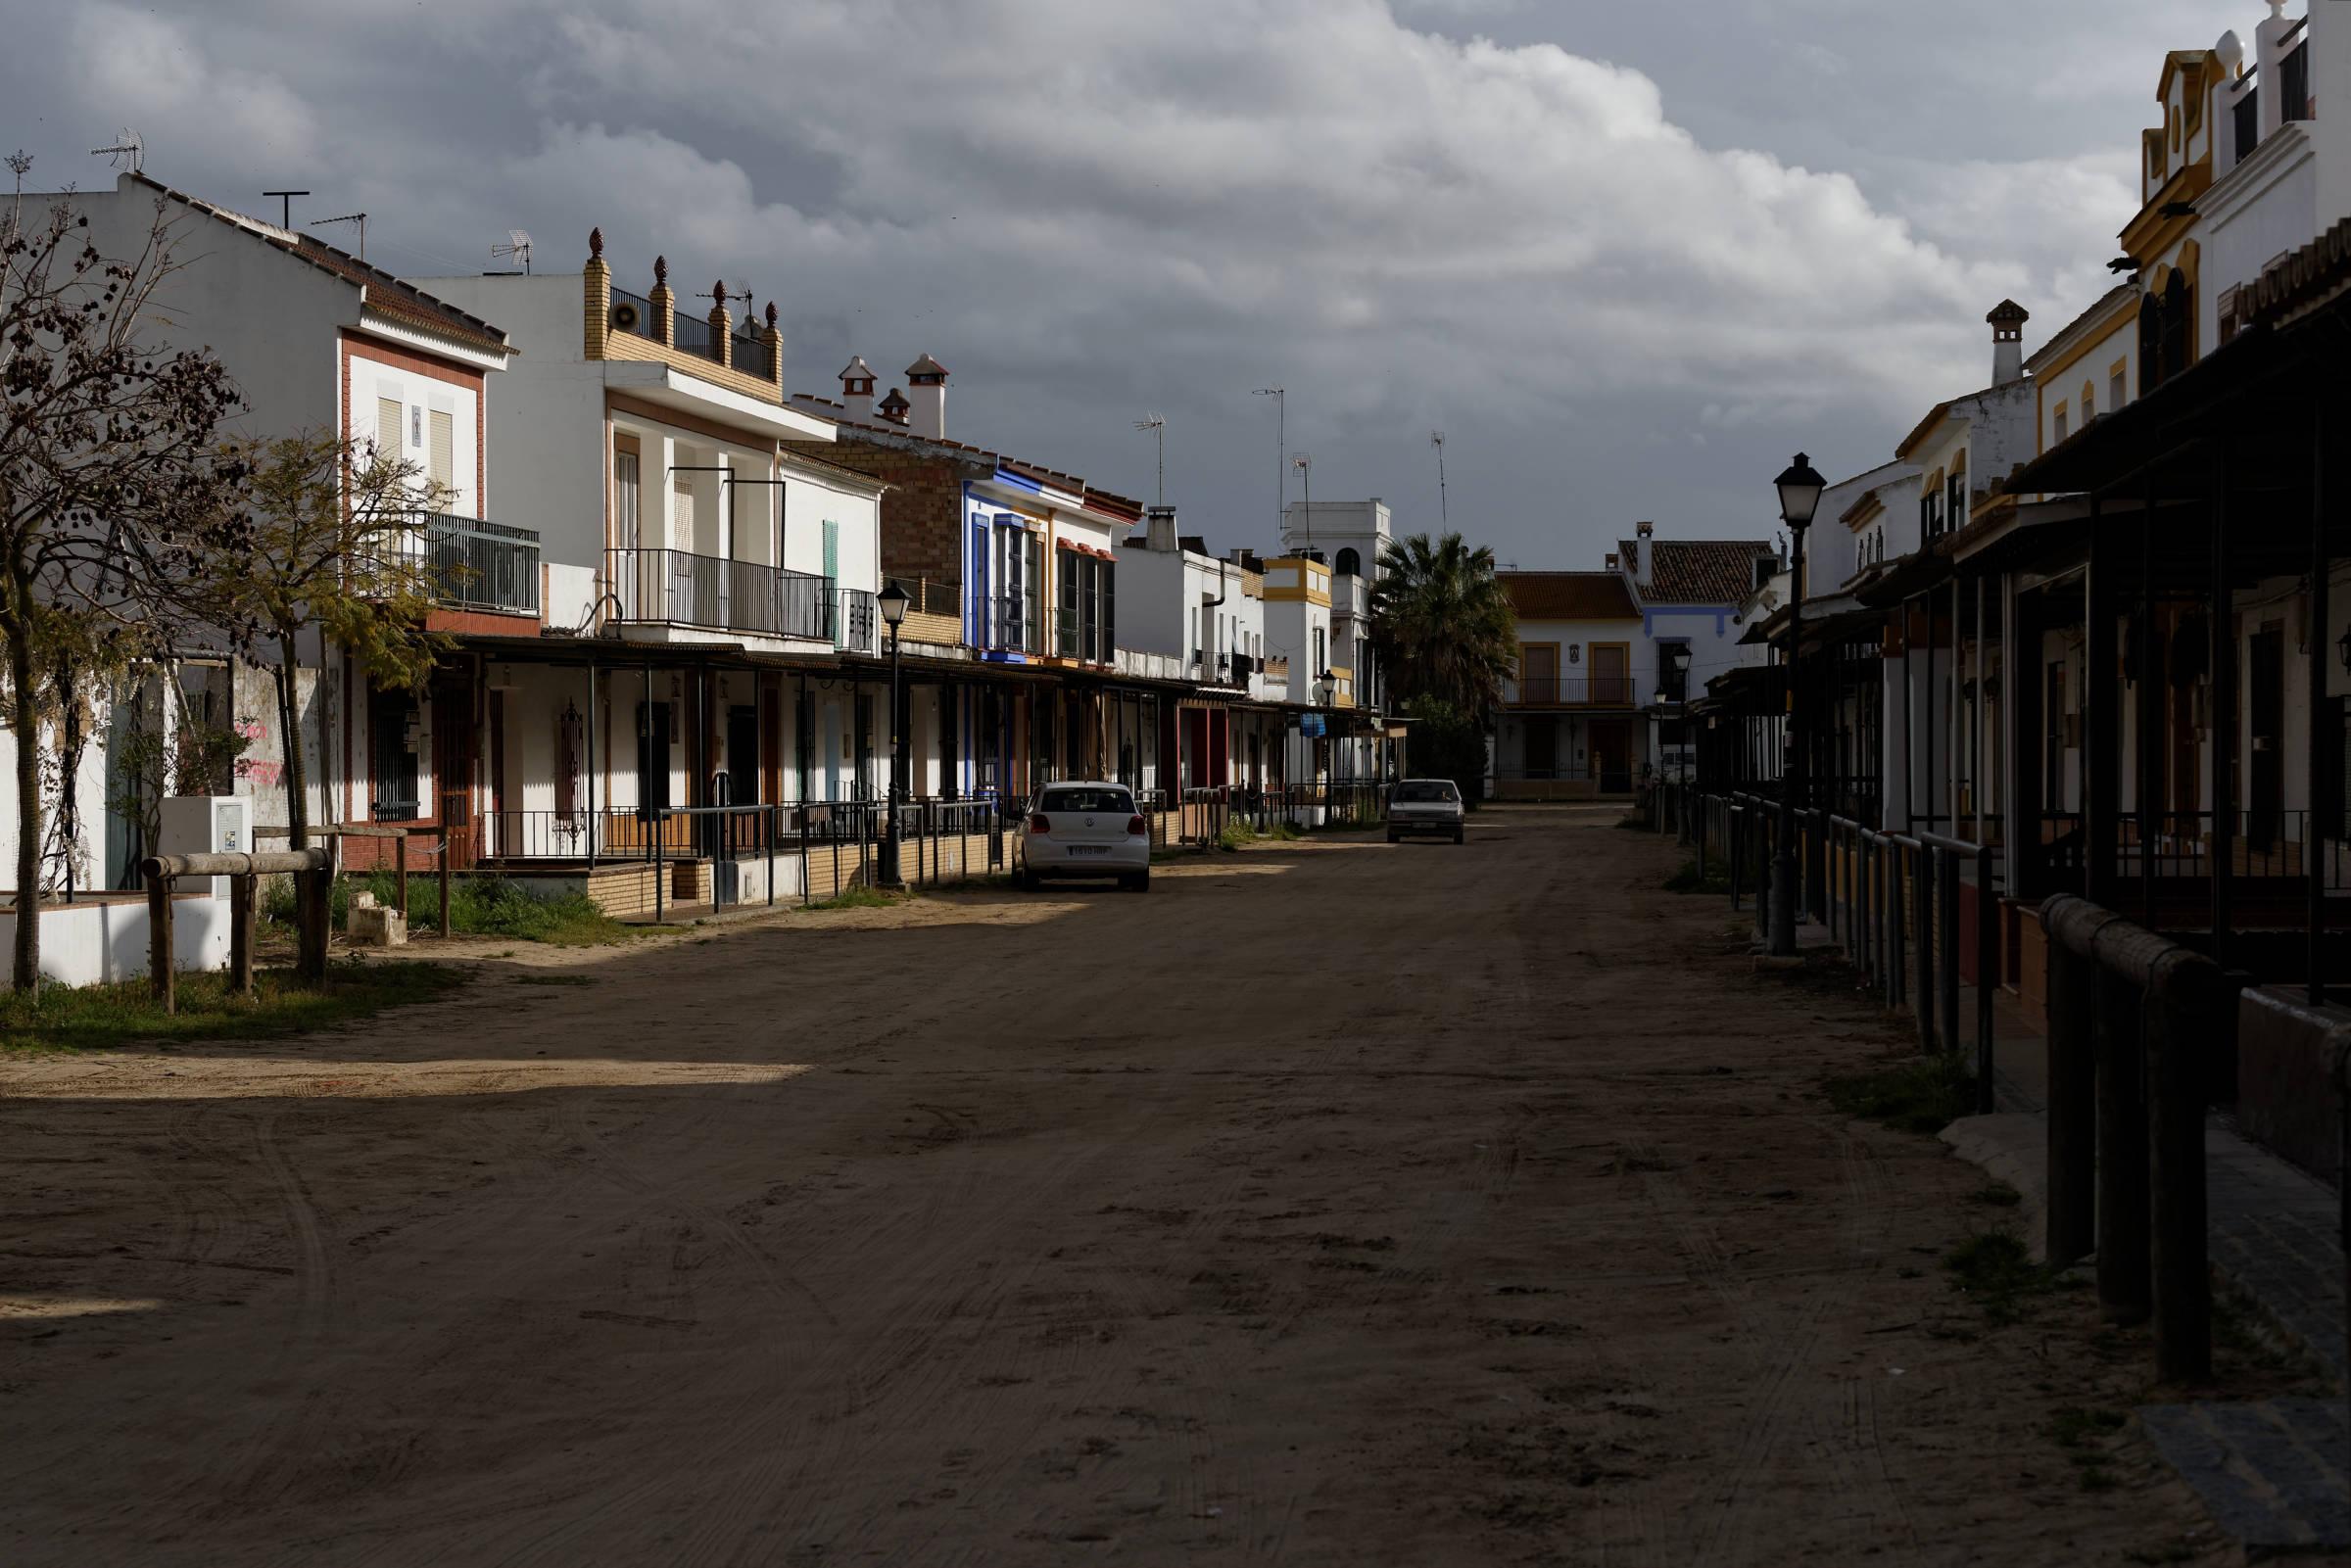 160409-El Rocio (Andalousie) (1257)